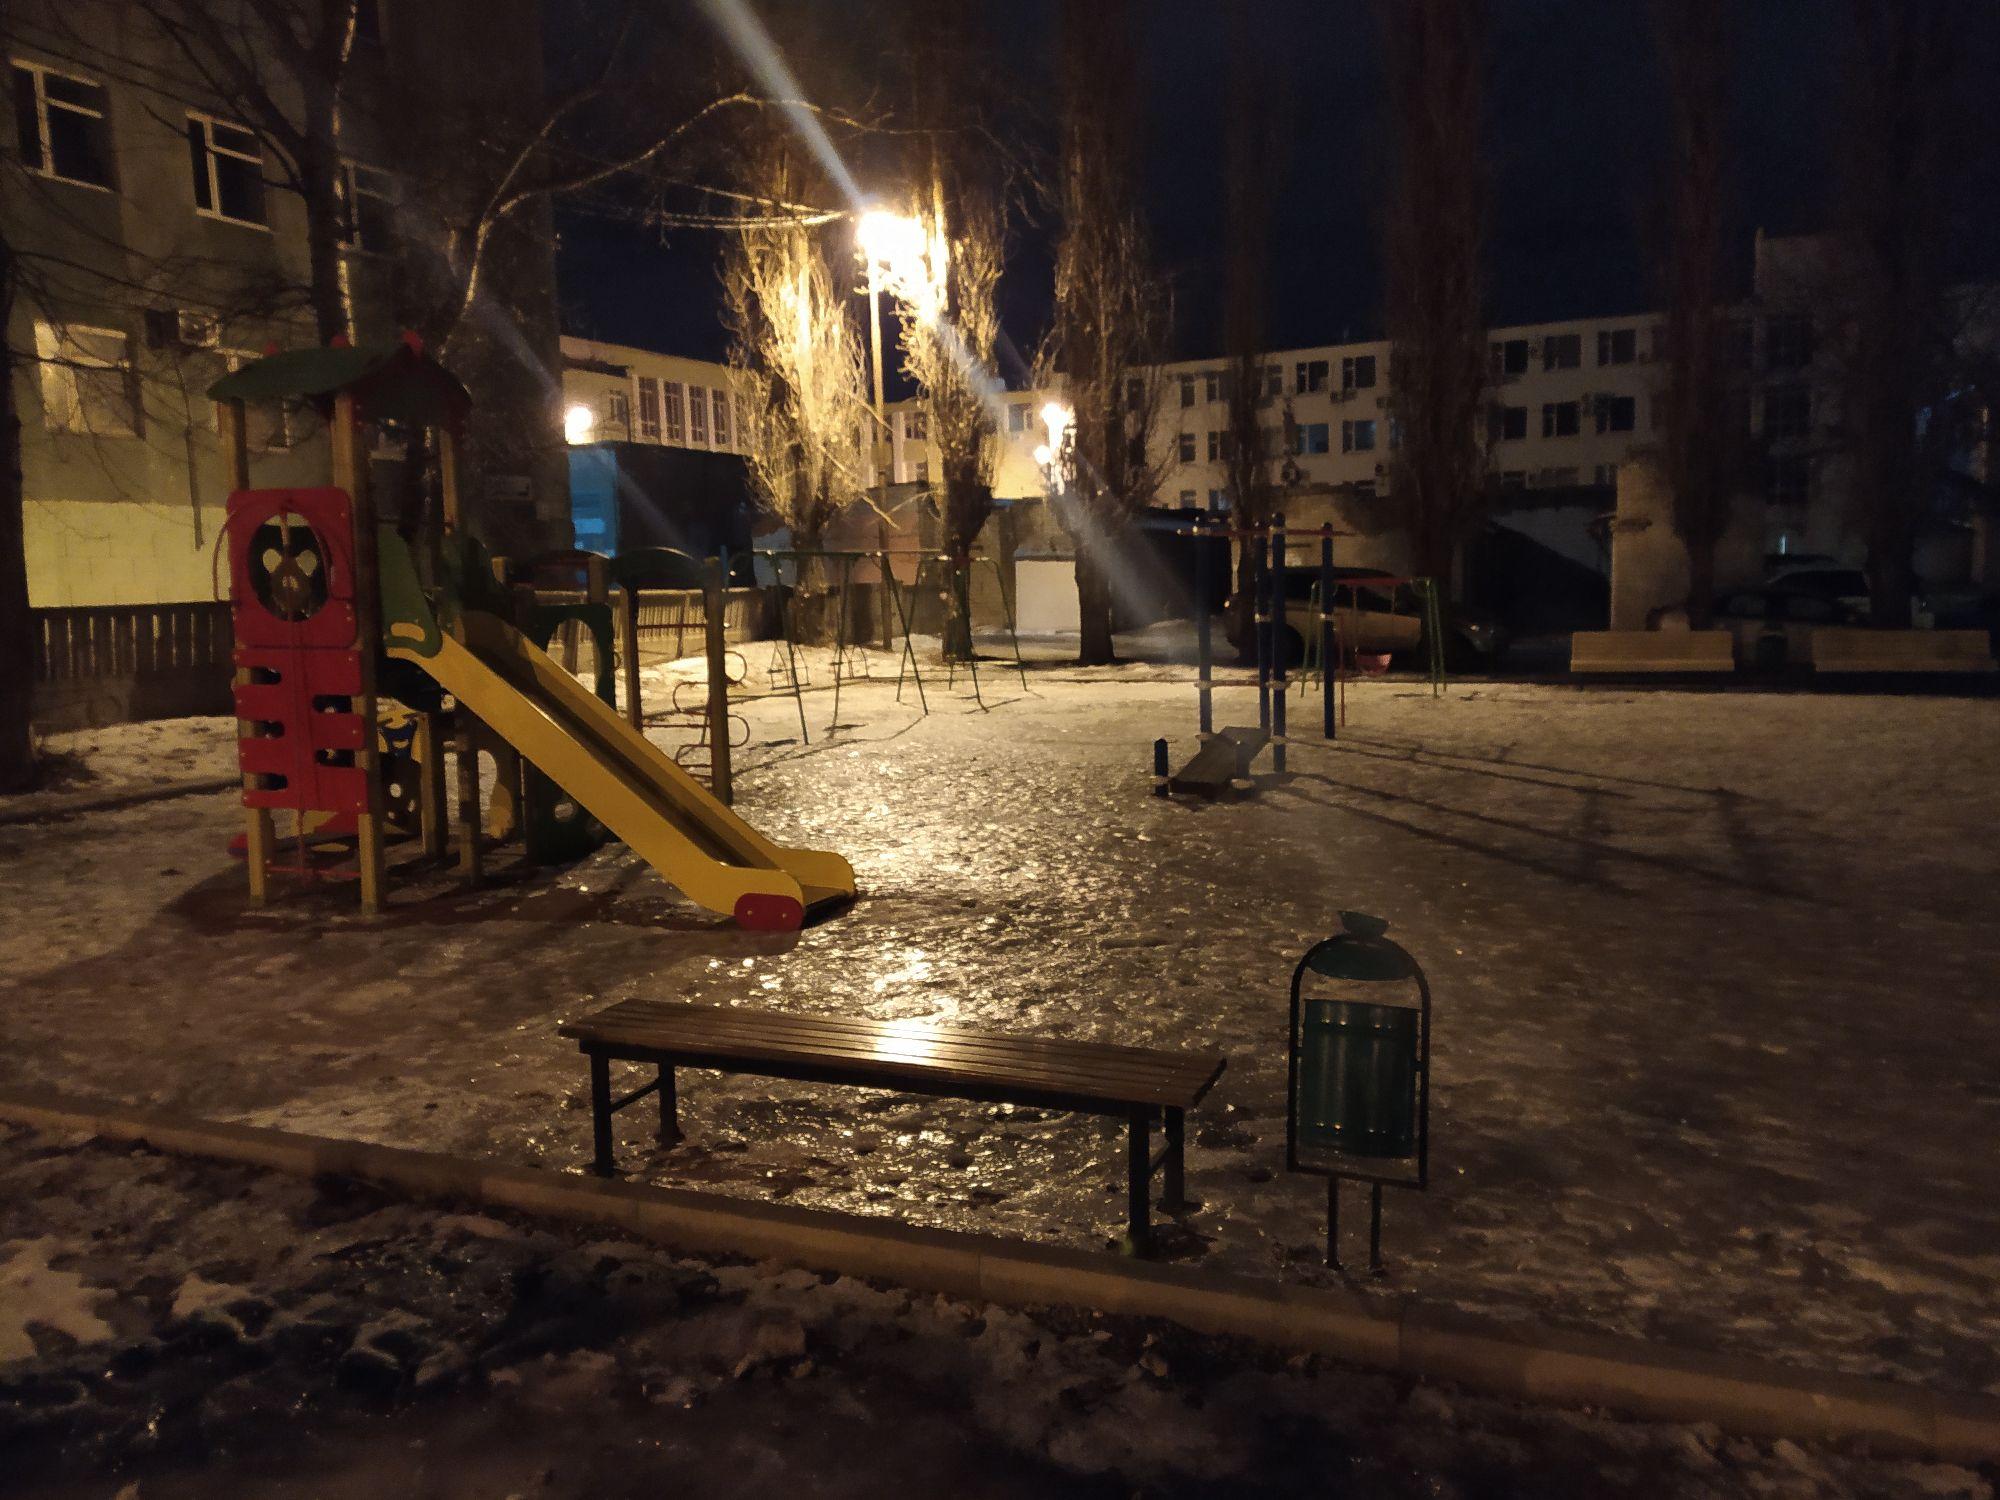 Ещё одна детская площадка во льду